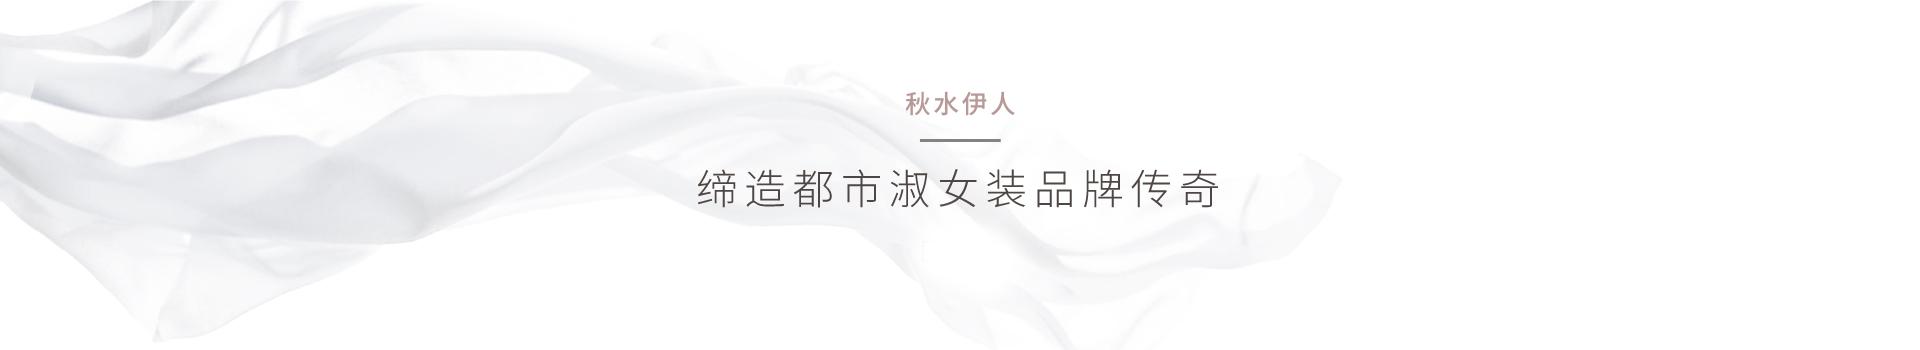 上海品牌策划公司确立秋水伊人需定义服装品牌风格获得用户认同策划案例鼠标划过效果